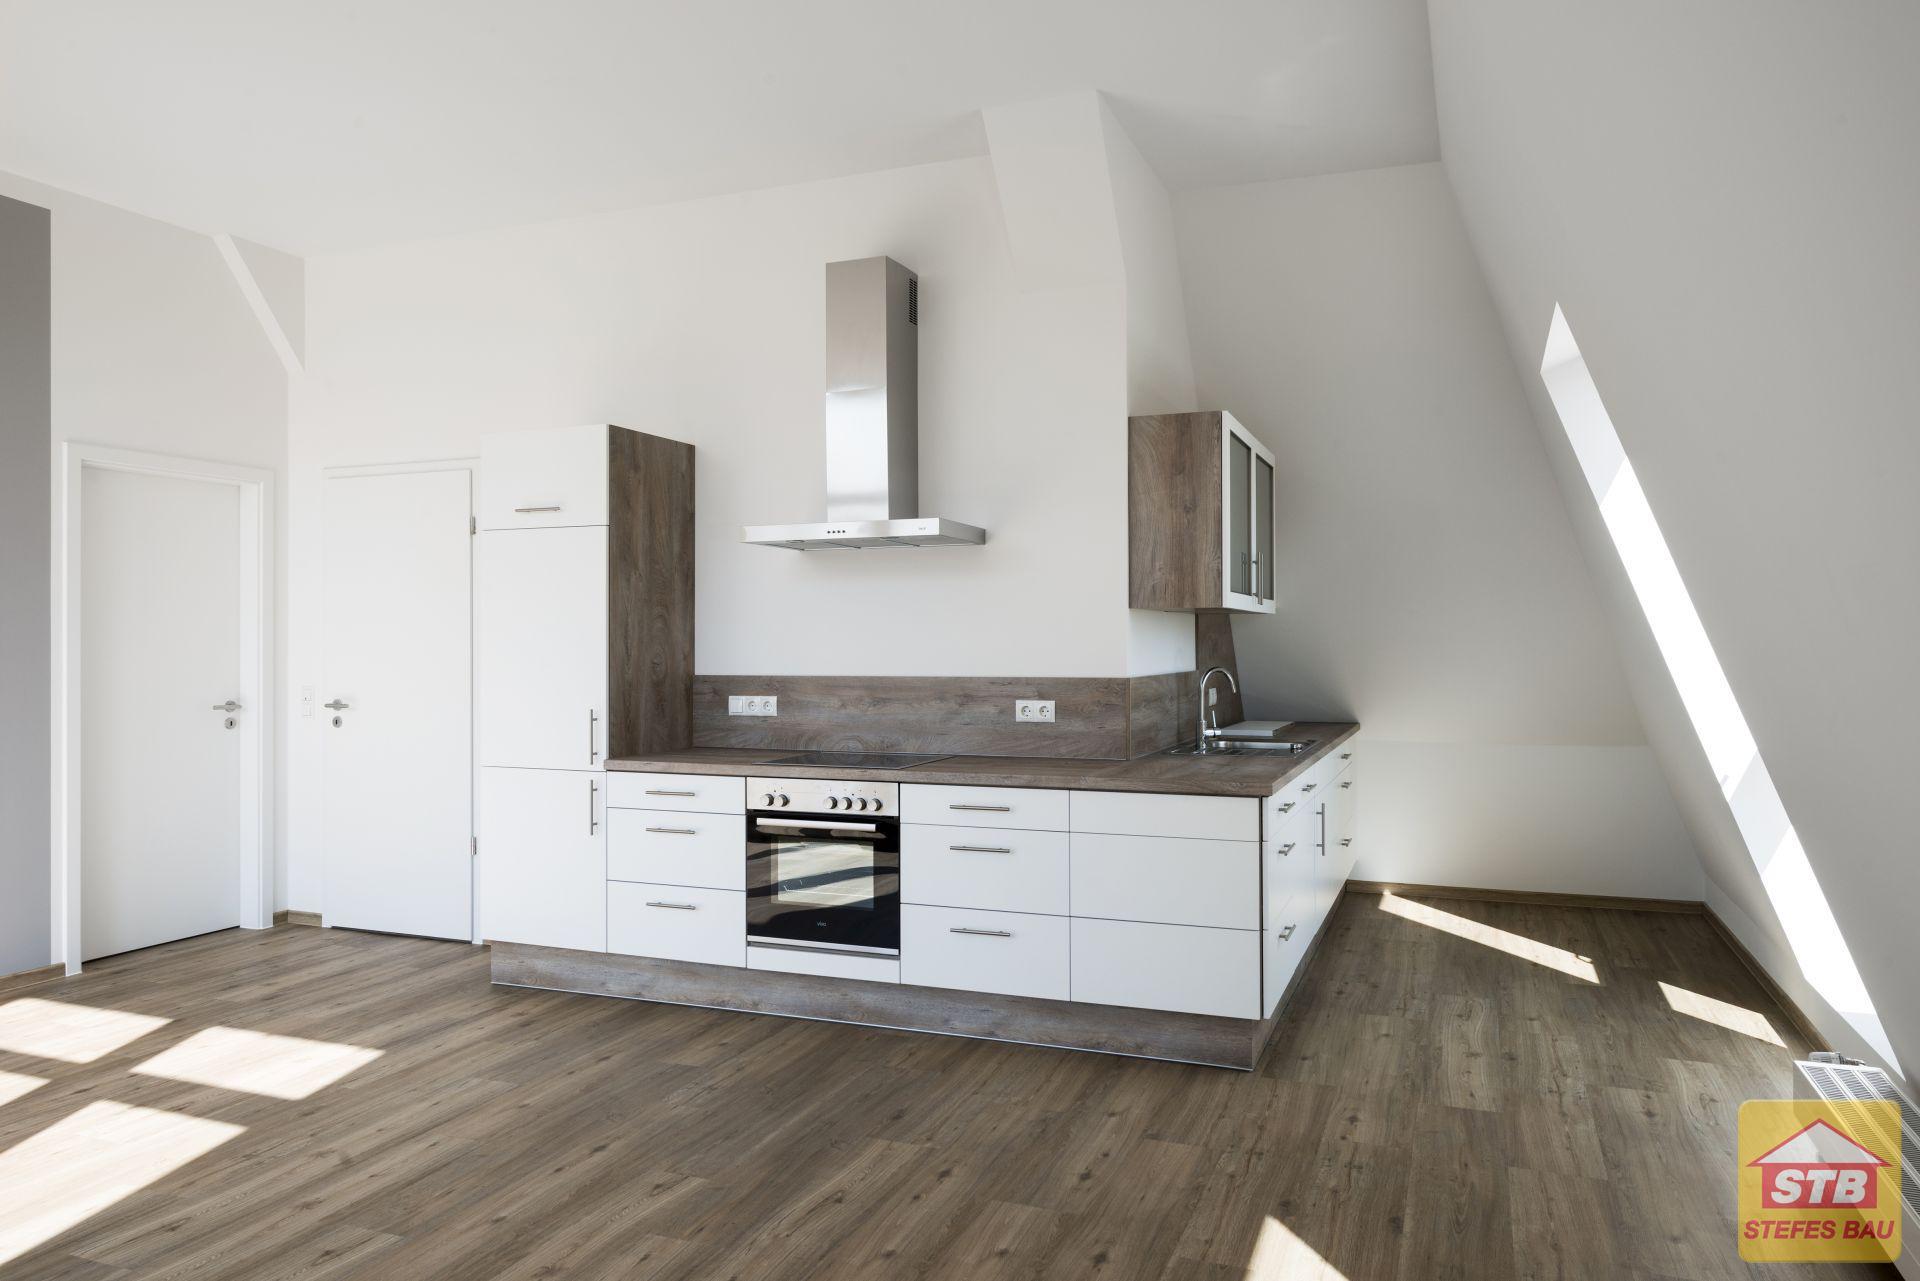 Ausgezeichnet Gemütliche Küchen Mississauga Bilder - Ideen Für Die ...